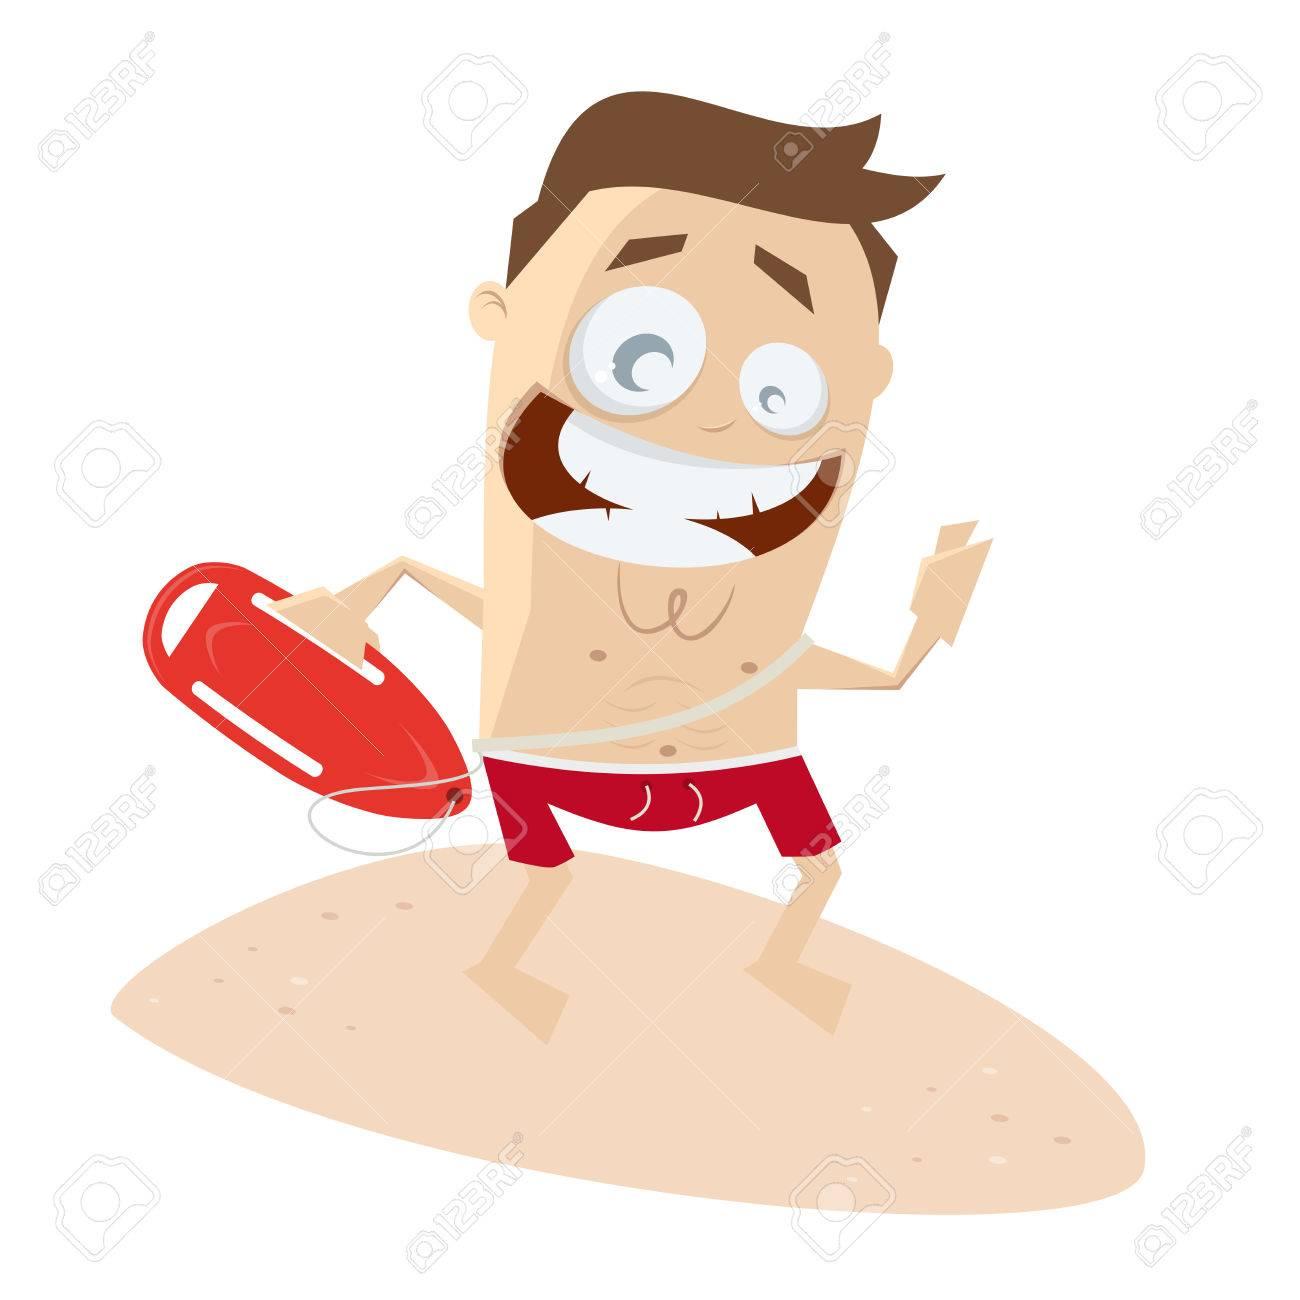 1300x1300 Funny Clipart Of A Lifeguard Royalty Free Cliparts, Vectors,